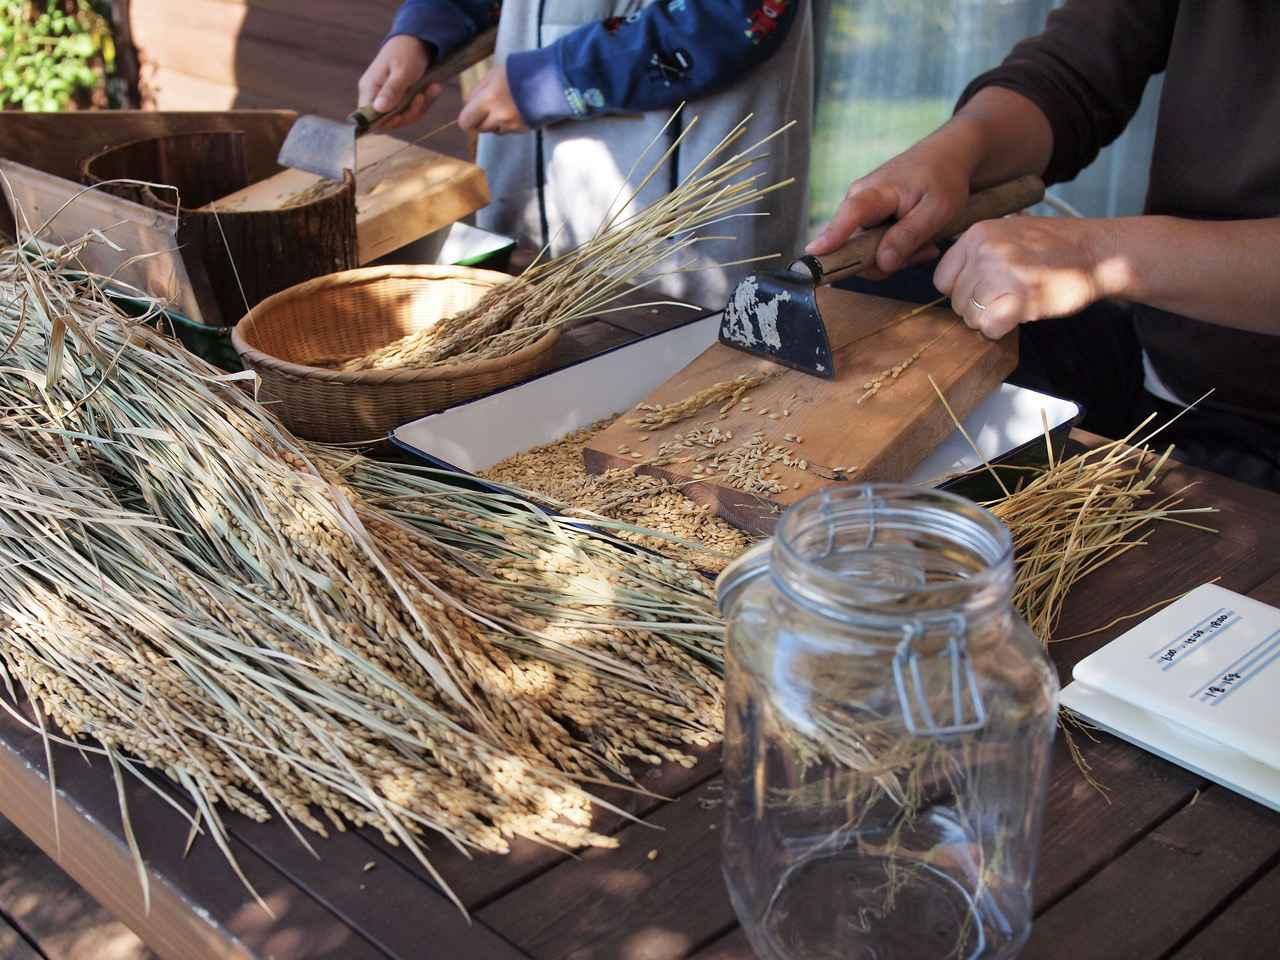 画像: 脱穀風景。道具は廃材の板や園芸道具など家にあるものなんでも使って、いろいろ試しました